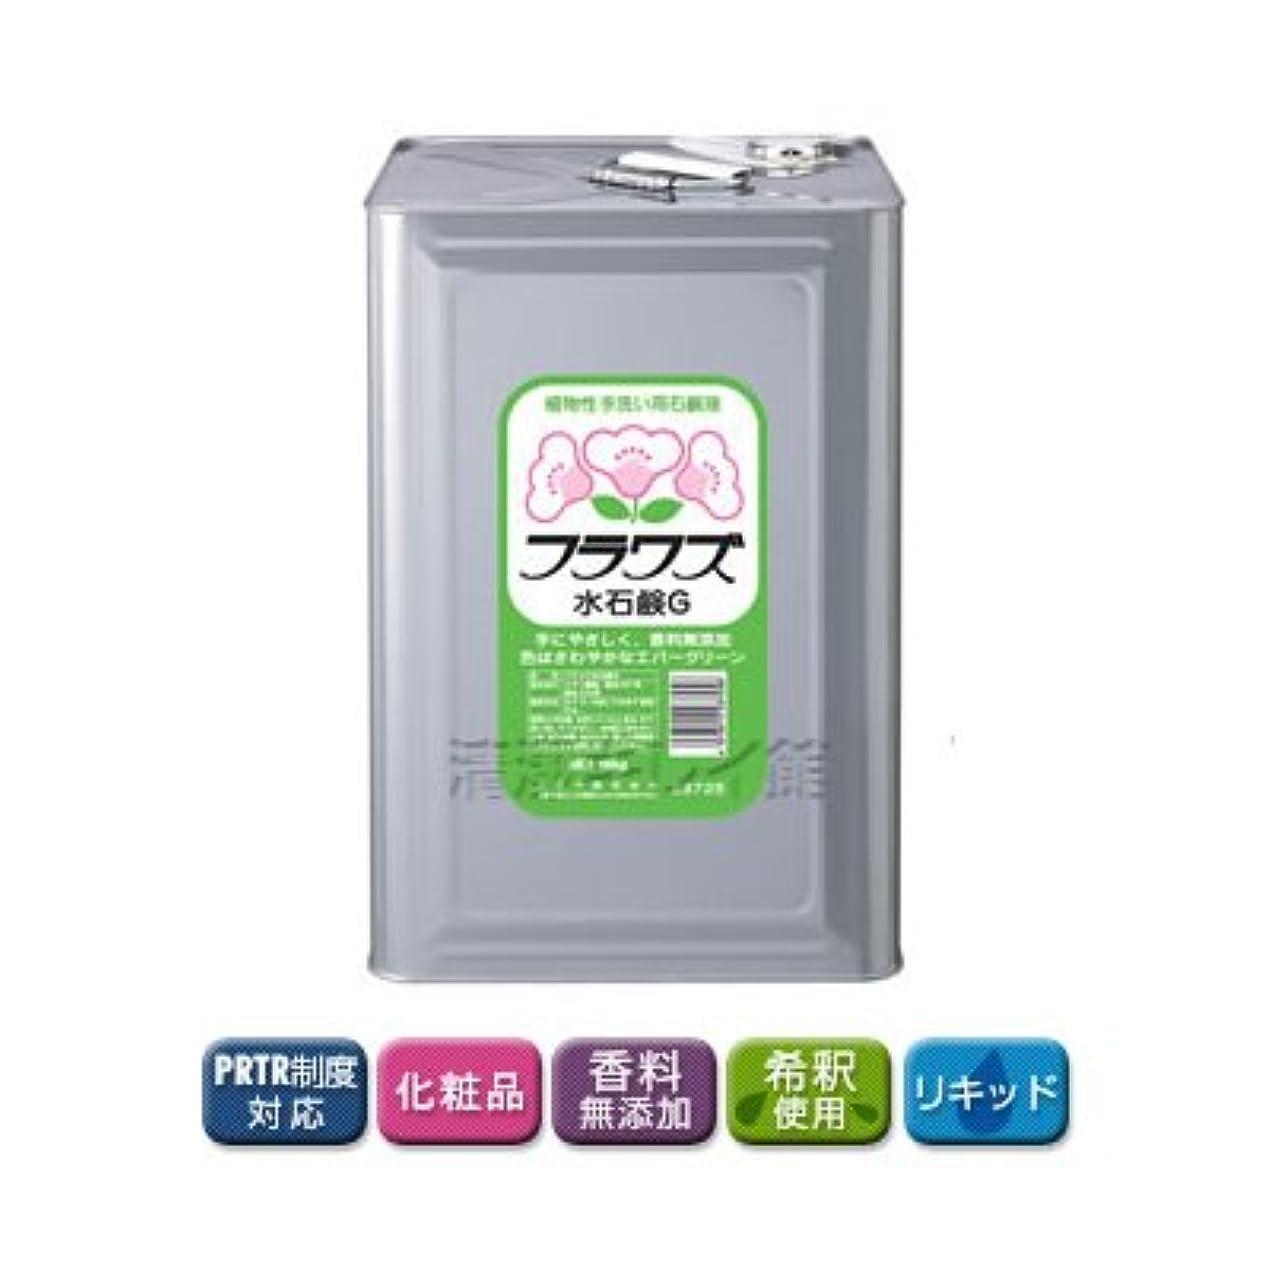 称賛急流排出【清潔キレイ館】サラヤ フラワズ水石鹸液G(18L)